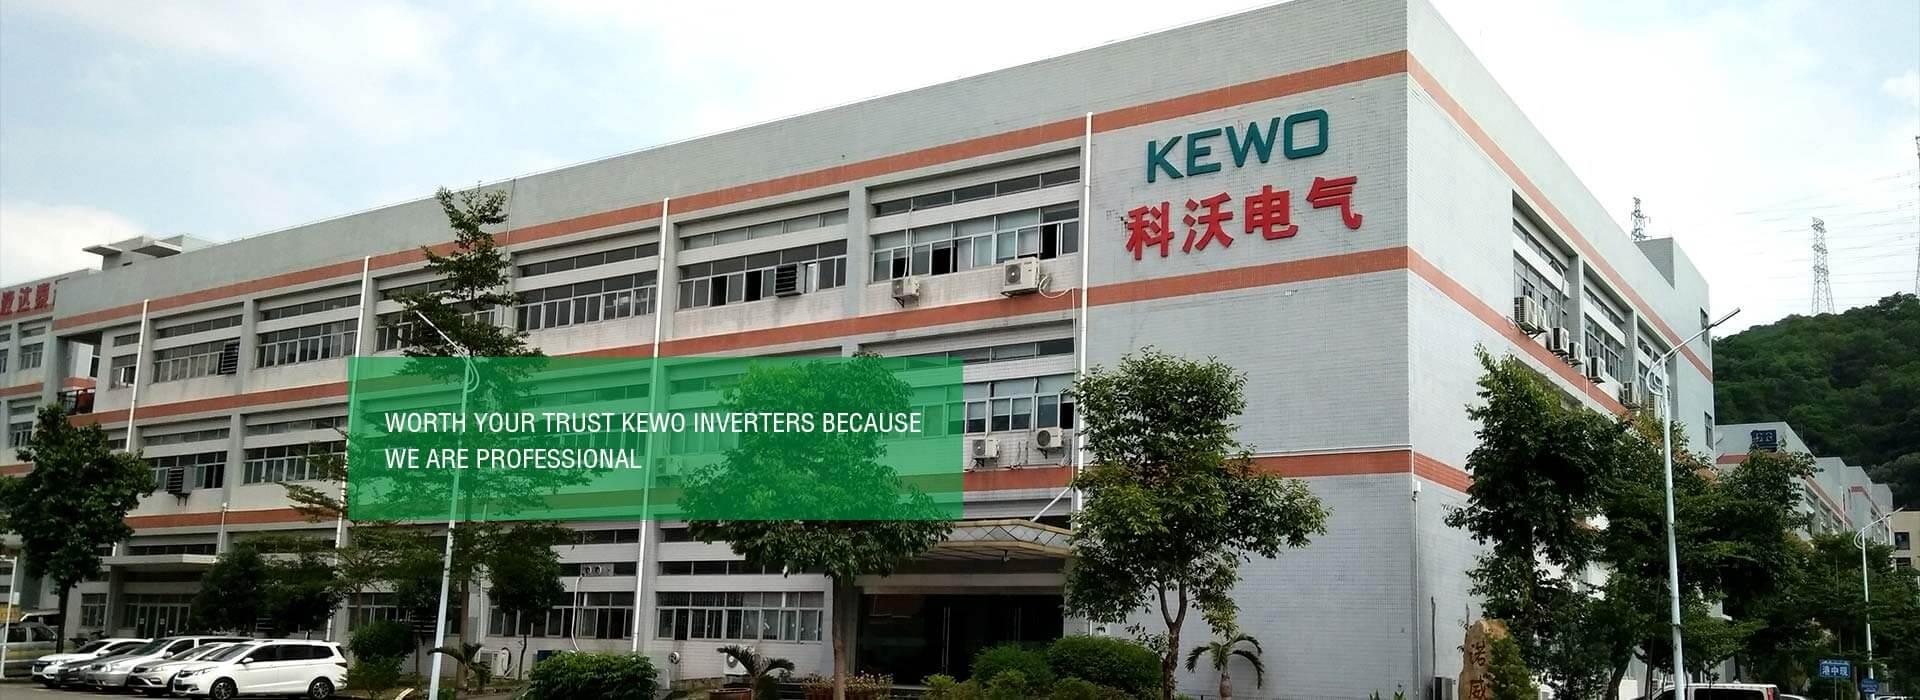 Shenzhen Kewo Electric Technology Co., Ltd